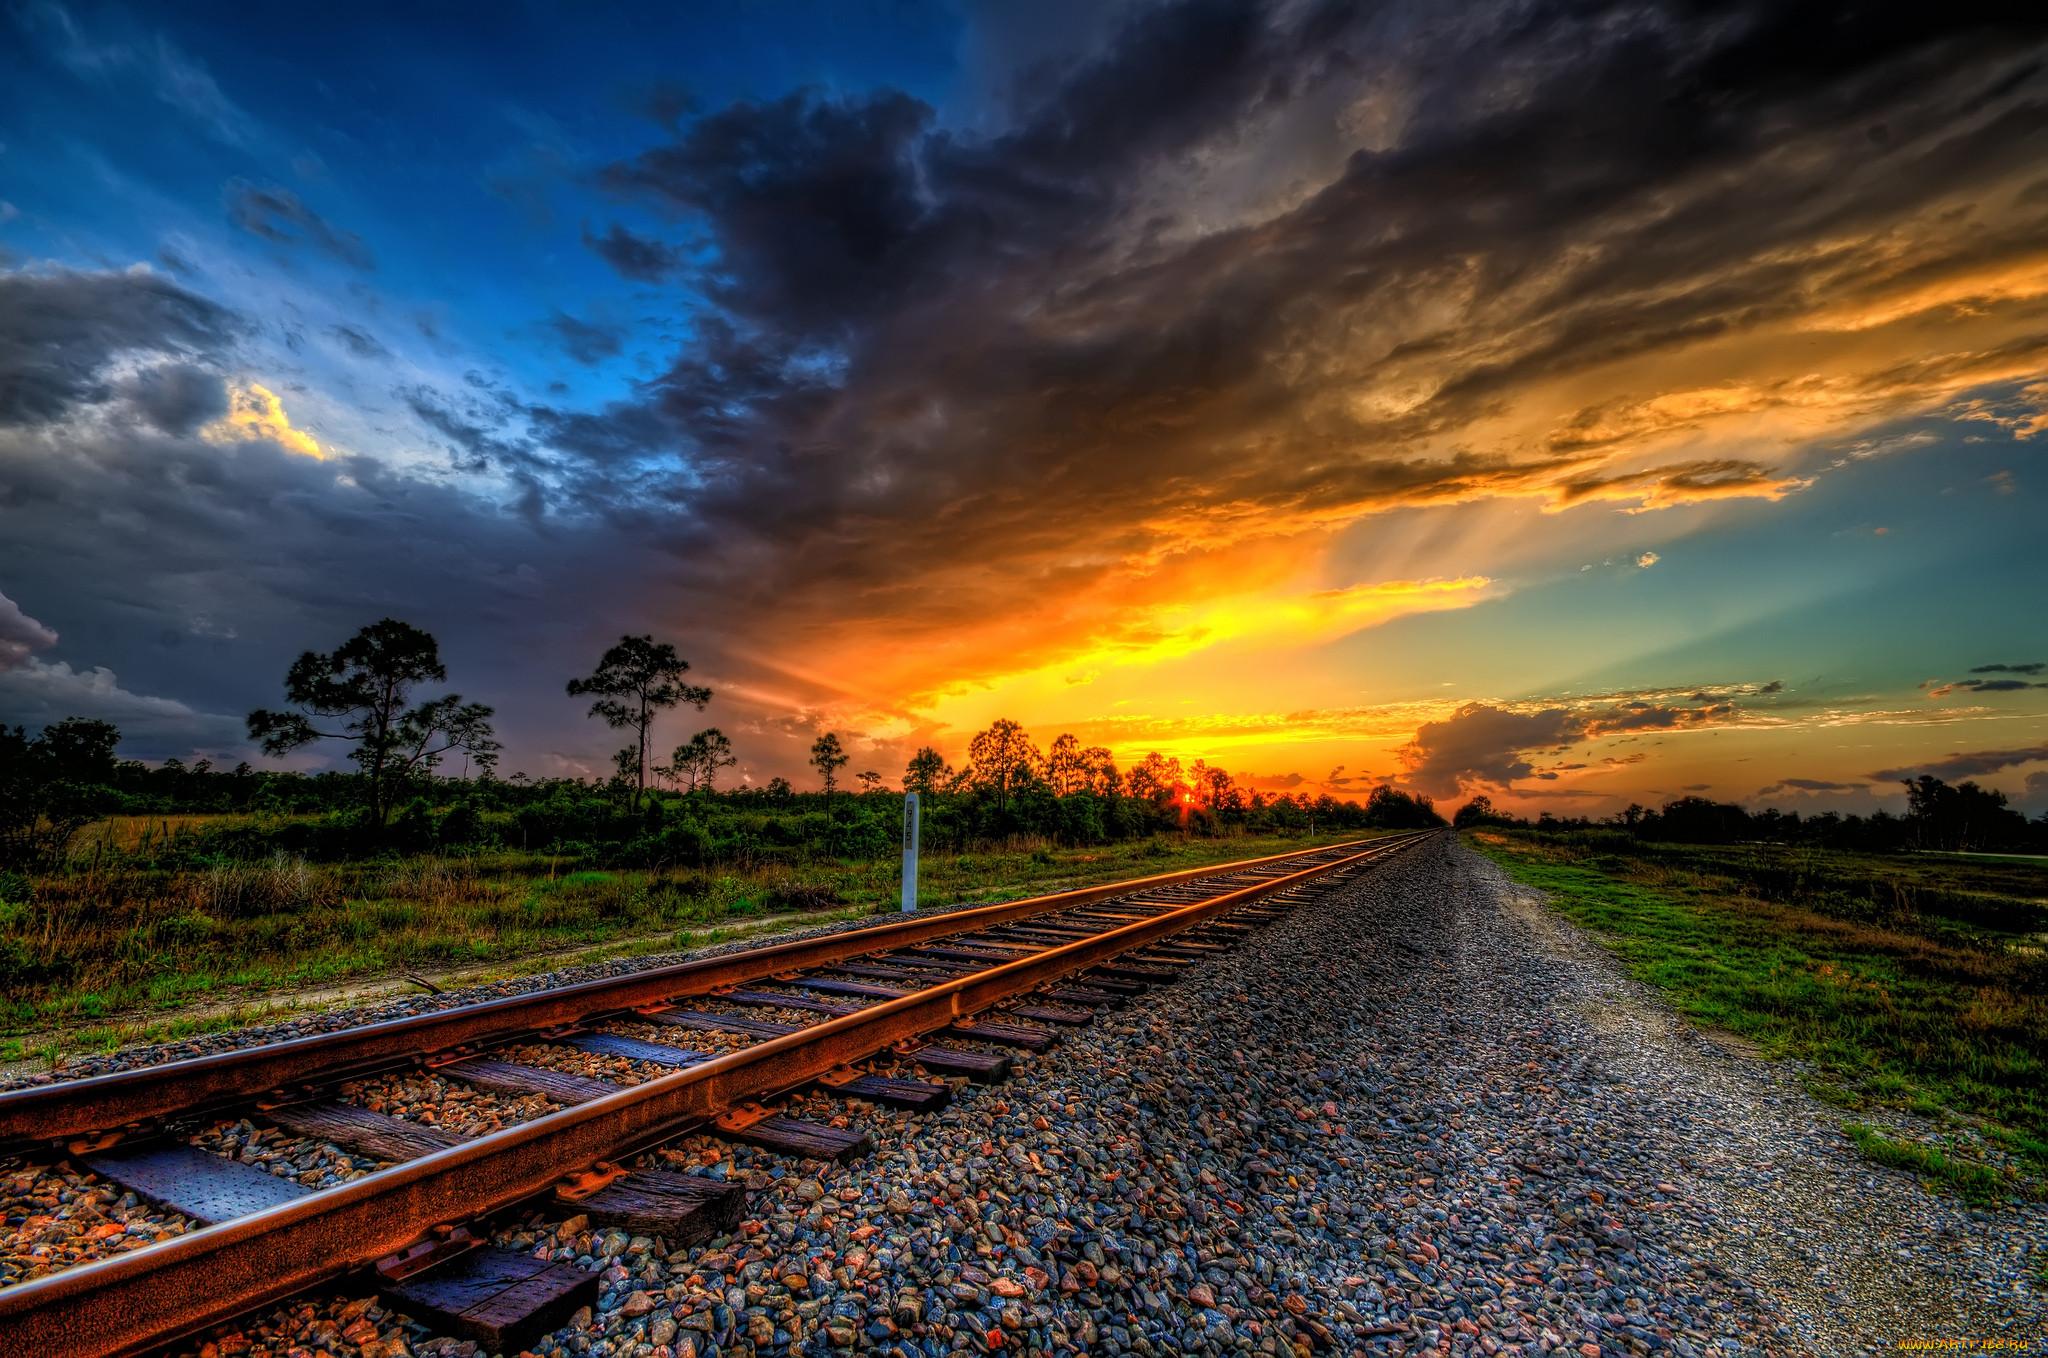 посёлке качественные фото железной дороги хинди